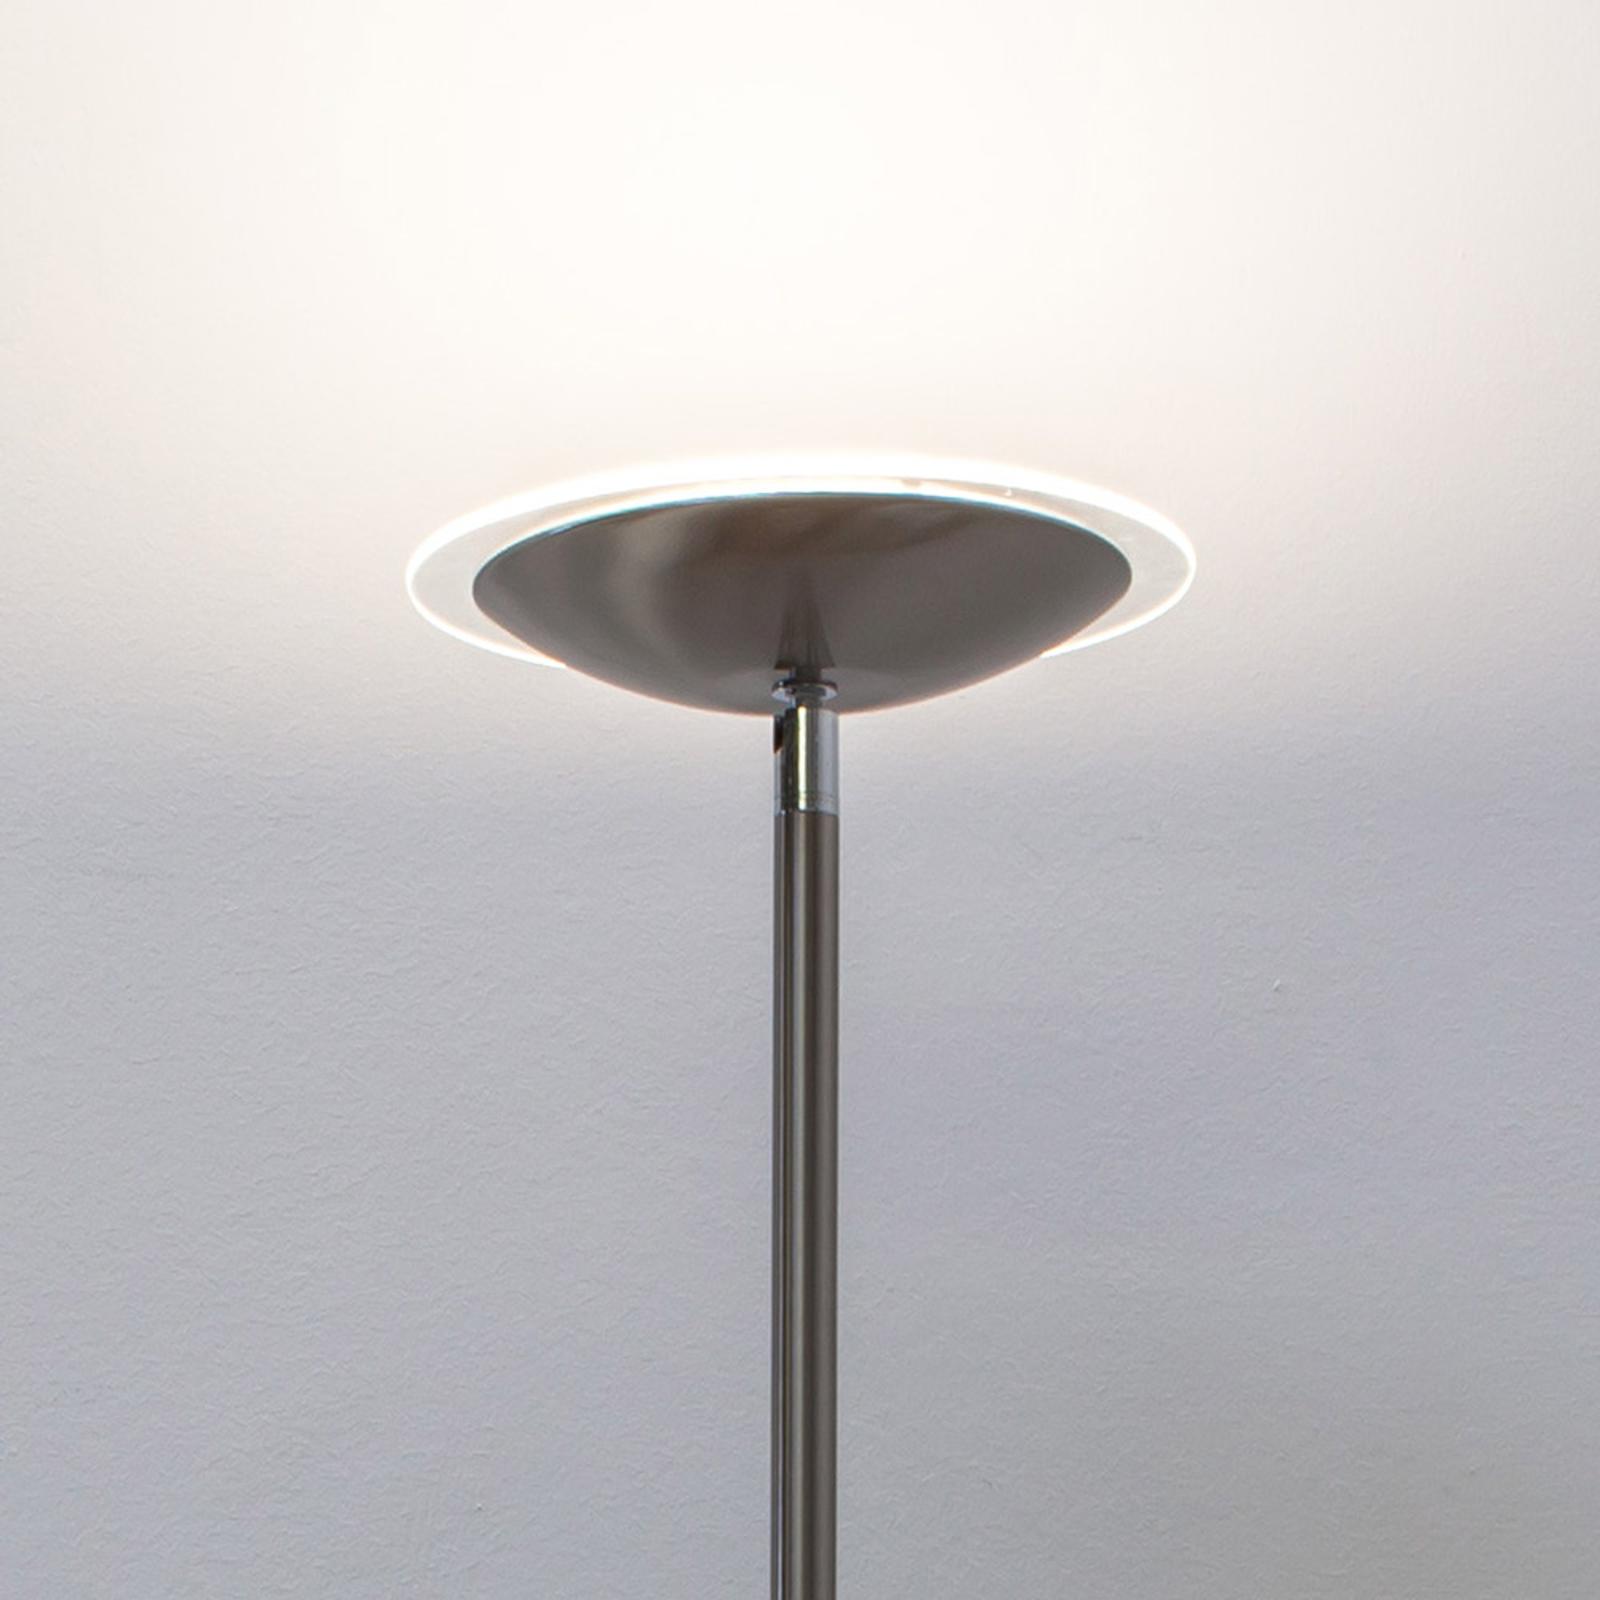 Malea - LED-uplight-golvlampa, matt nickel